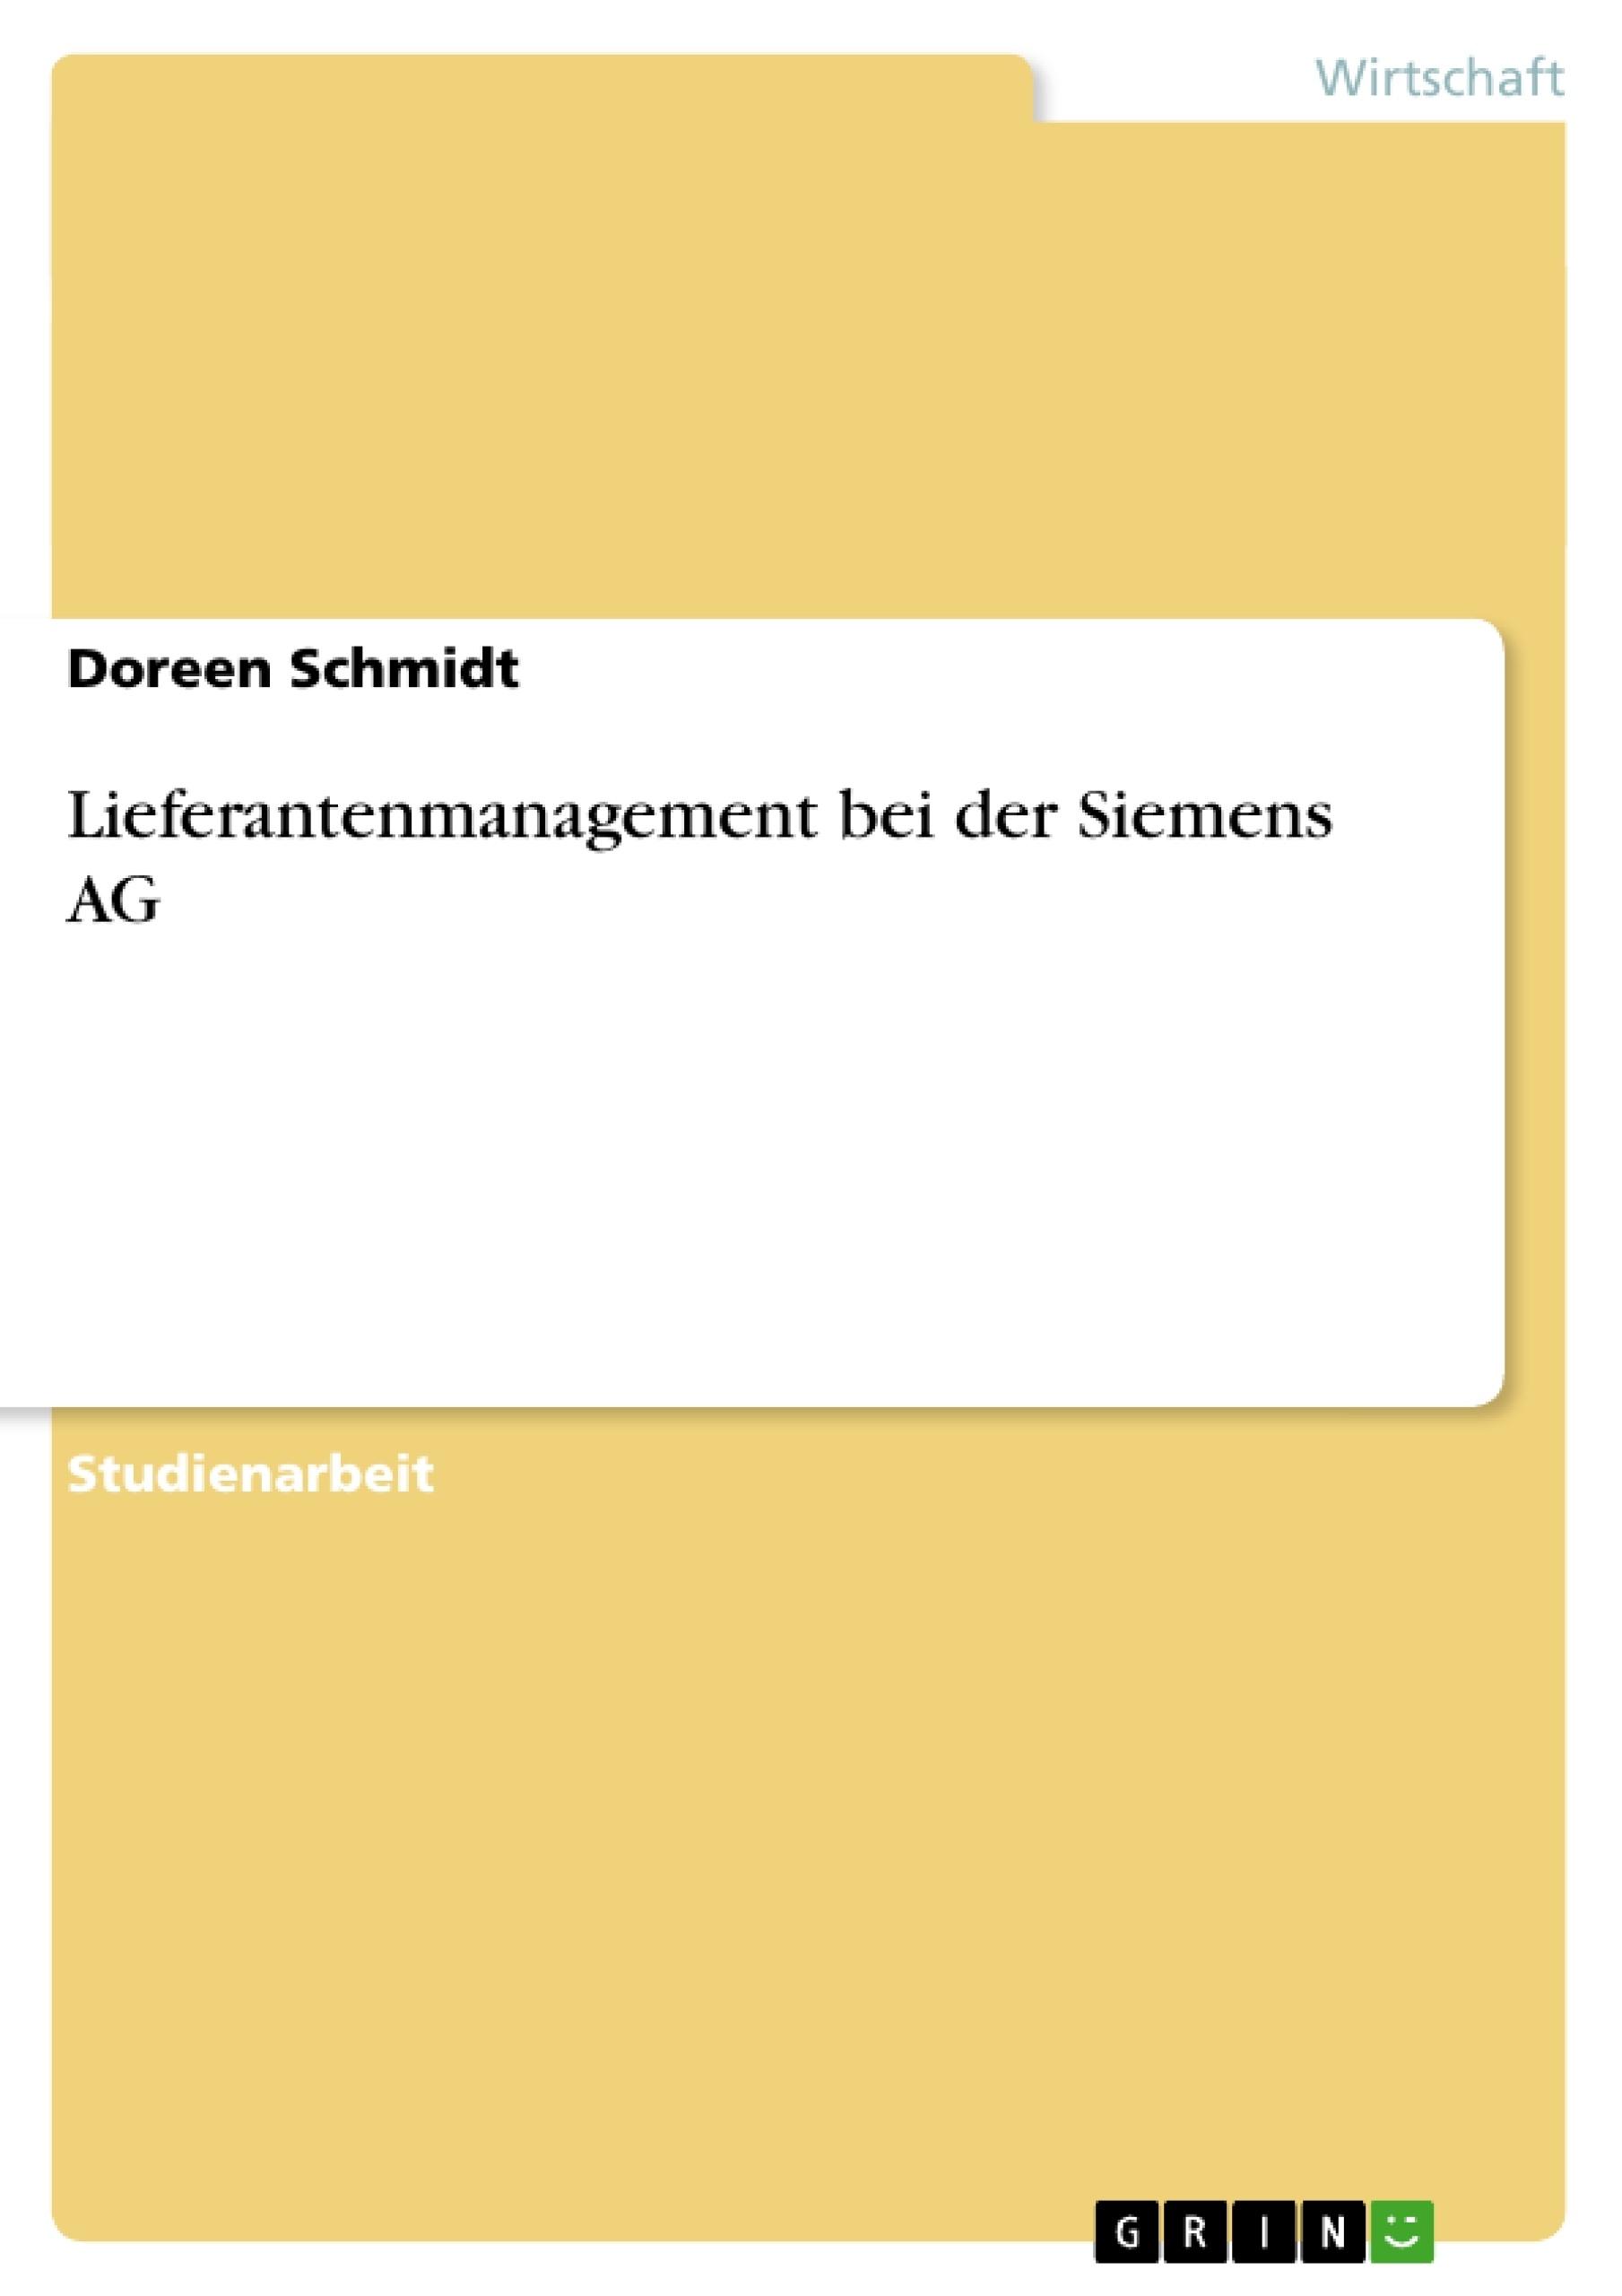 Titel: Lieferantenmanagement bei der Siemens AG